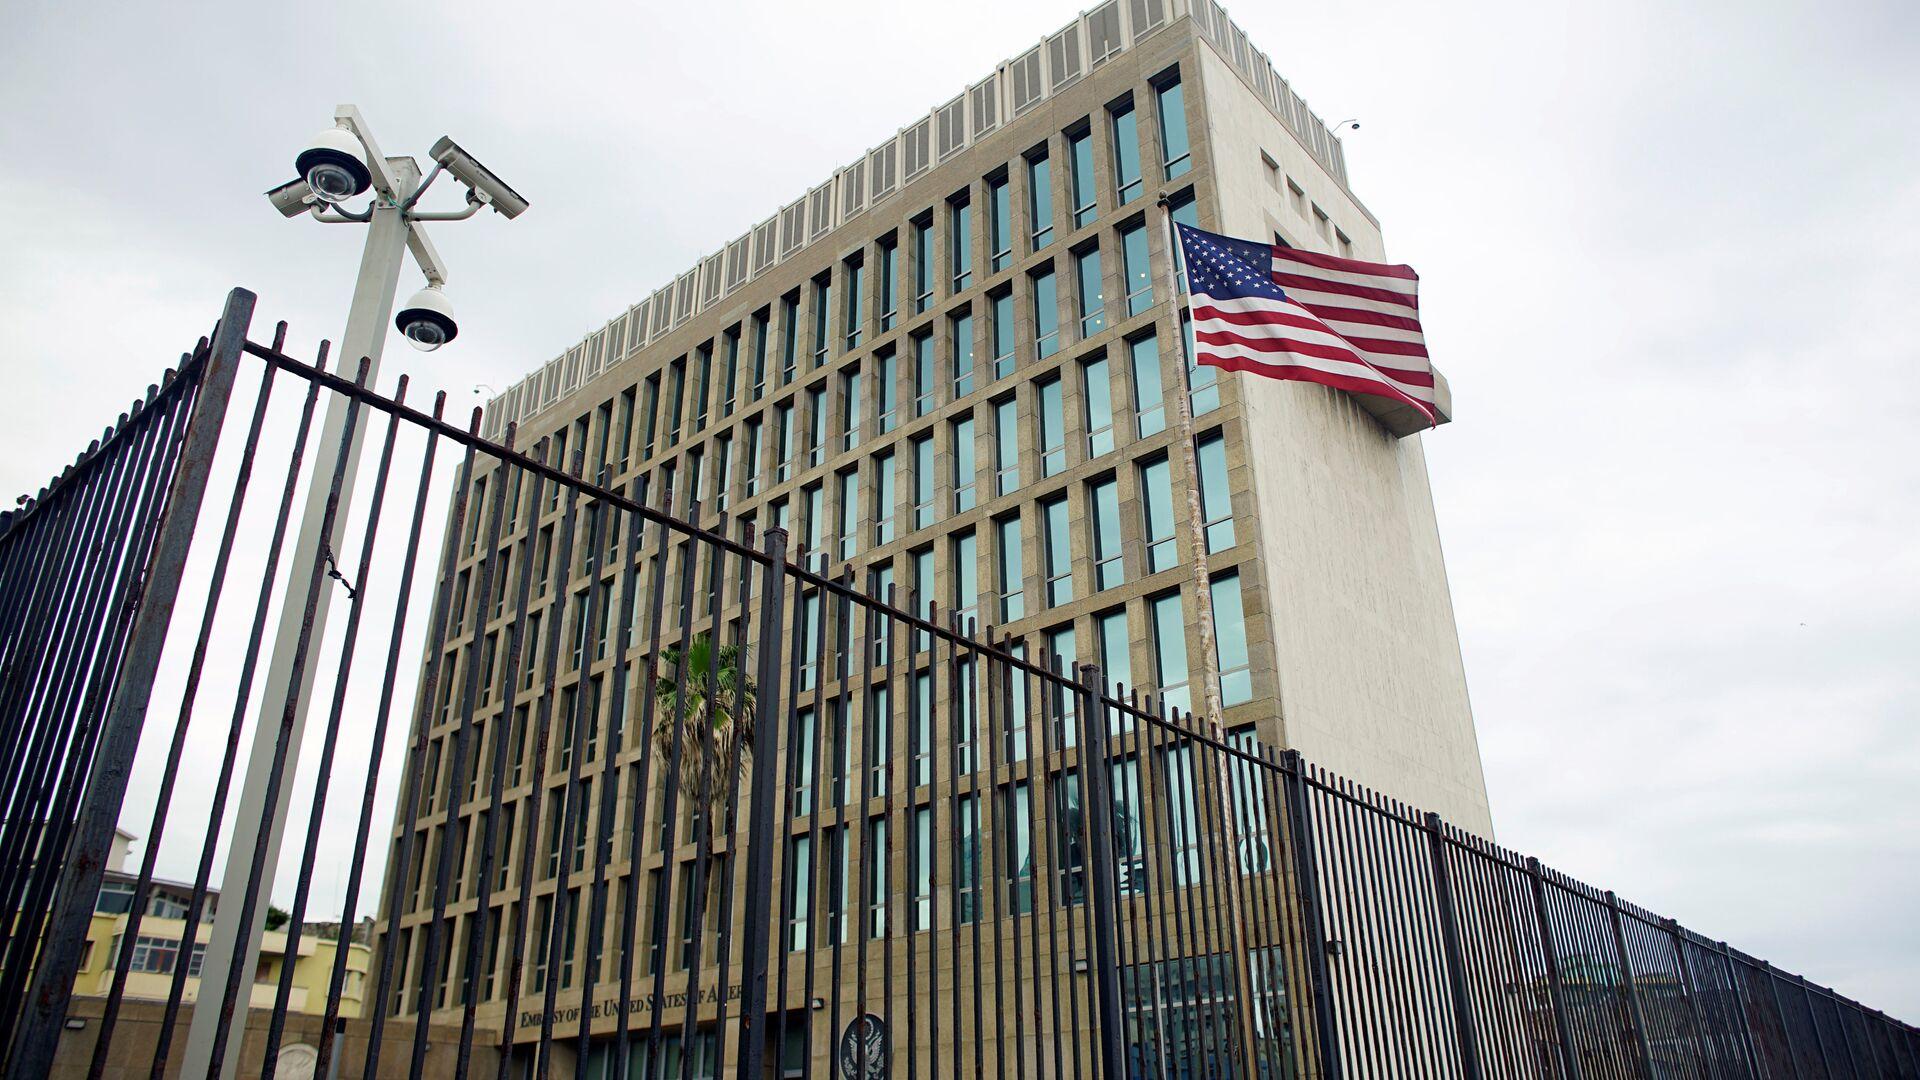 La embajada de EEUU en La Habana, Cuba - Sputnik Mundo, 1920, 11.02.2021